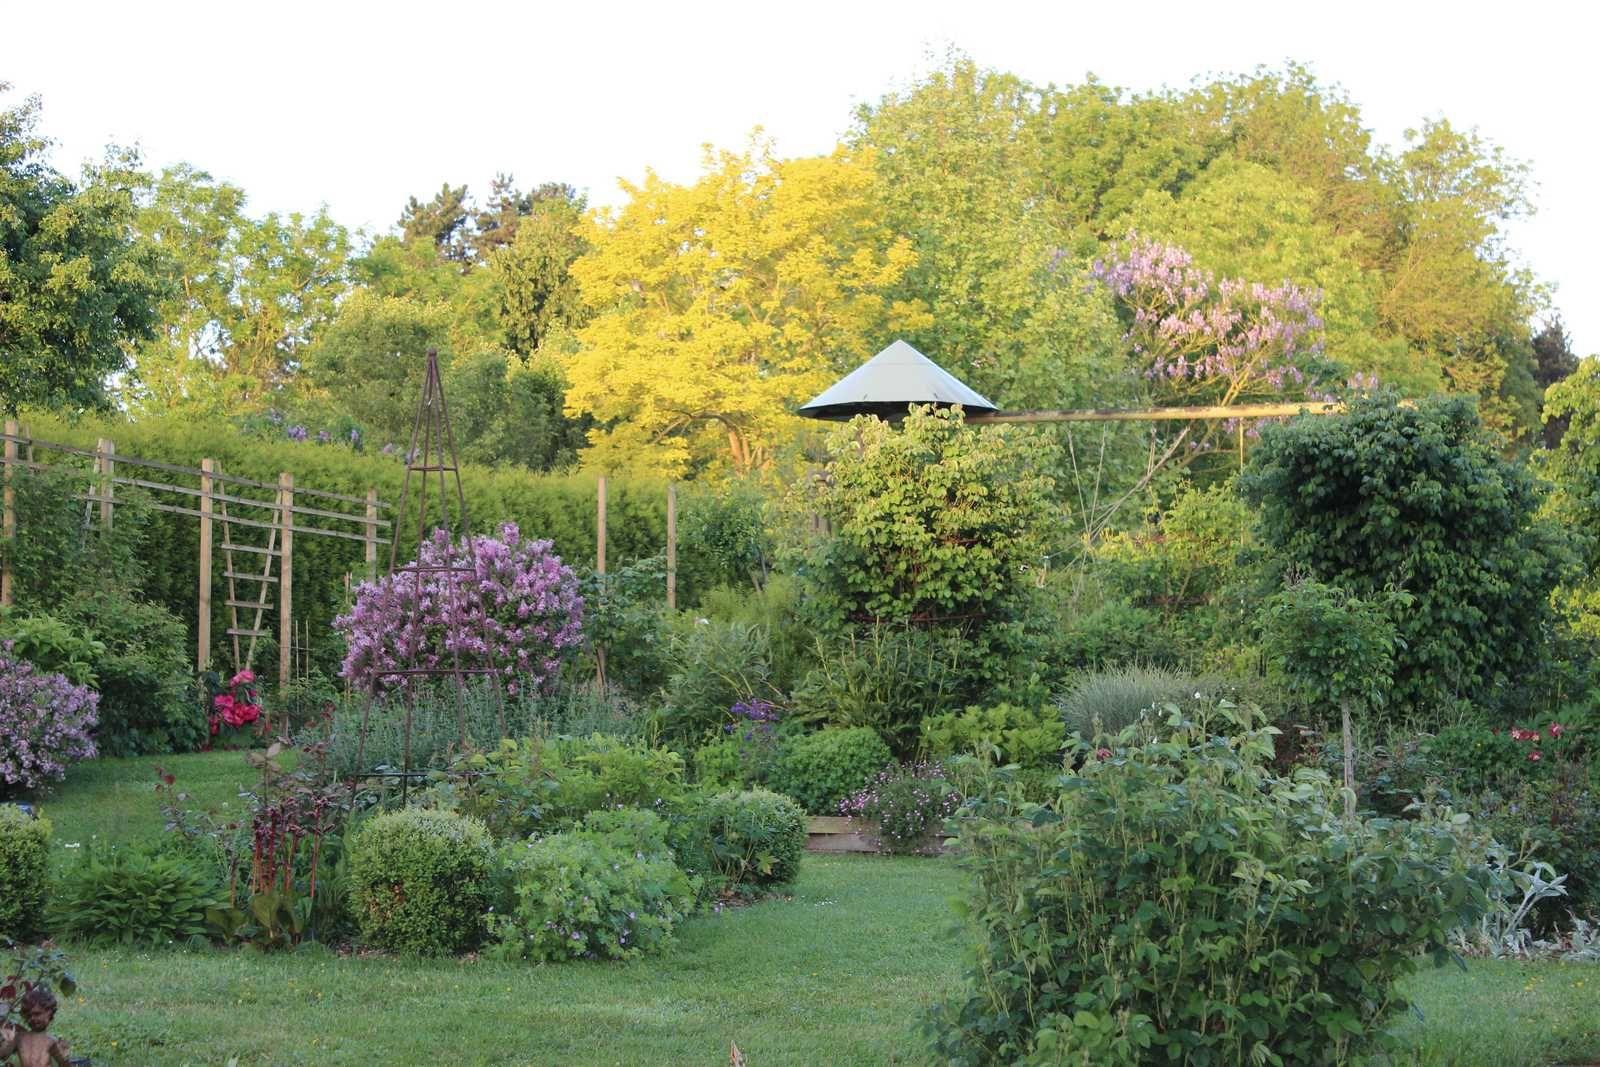 Dans le fond du jardin, il y a du vert et du mauve...